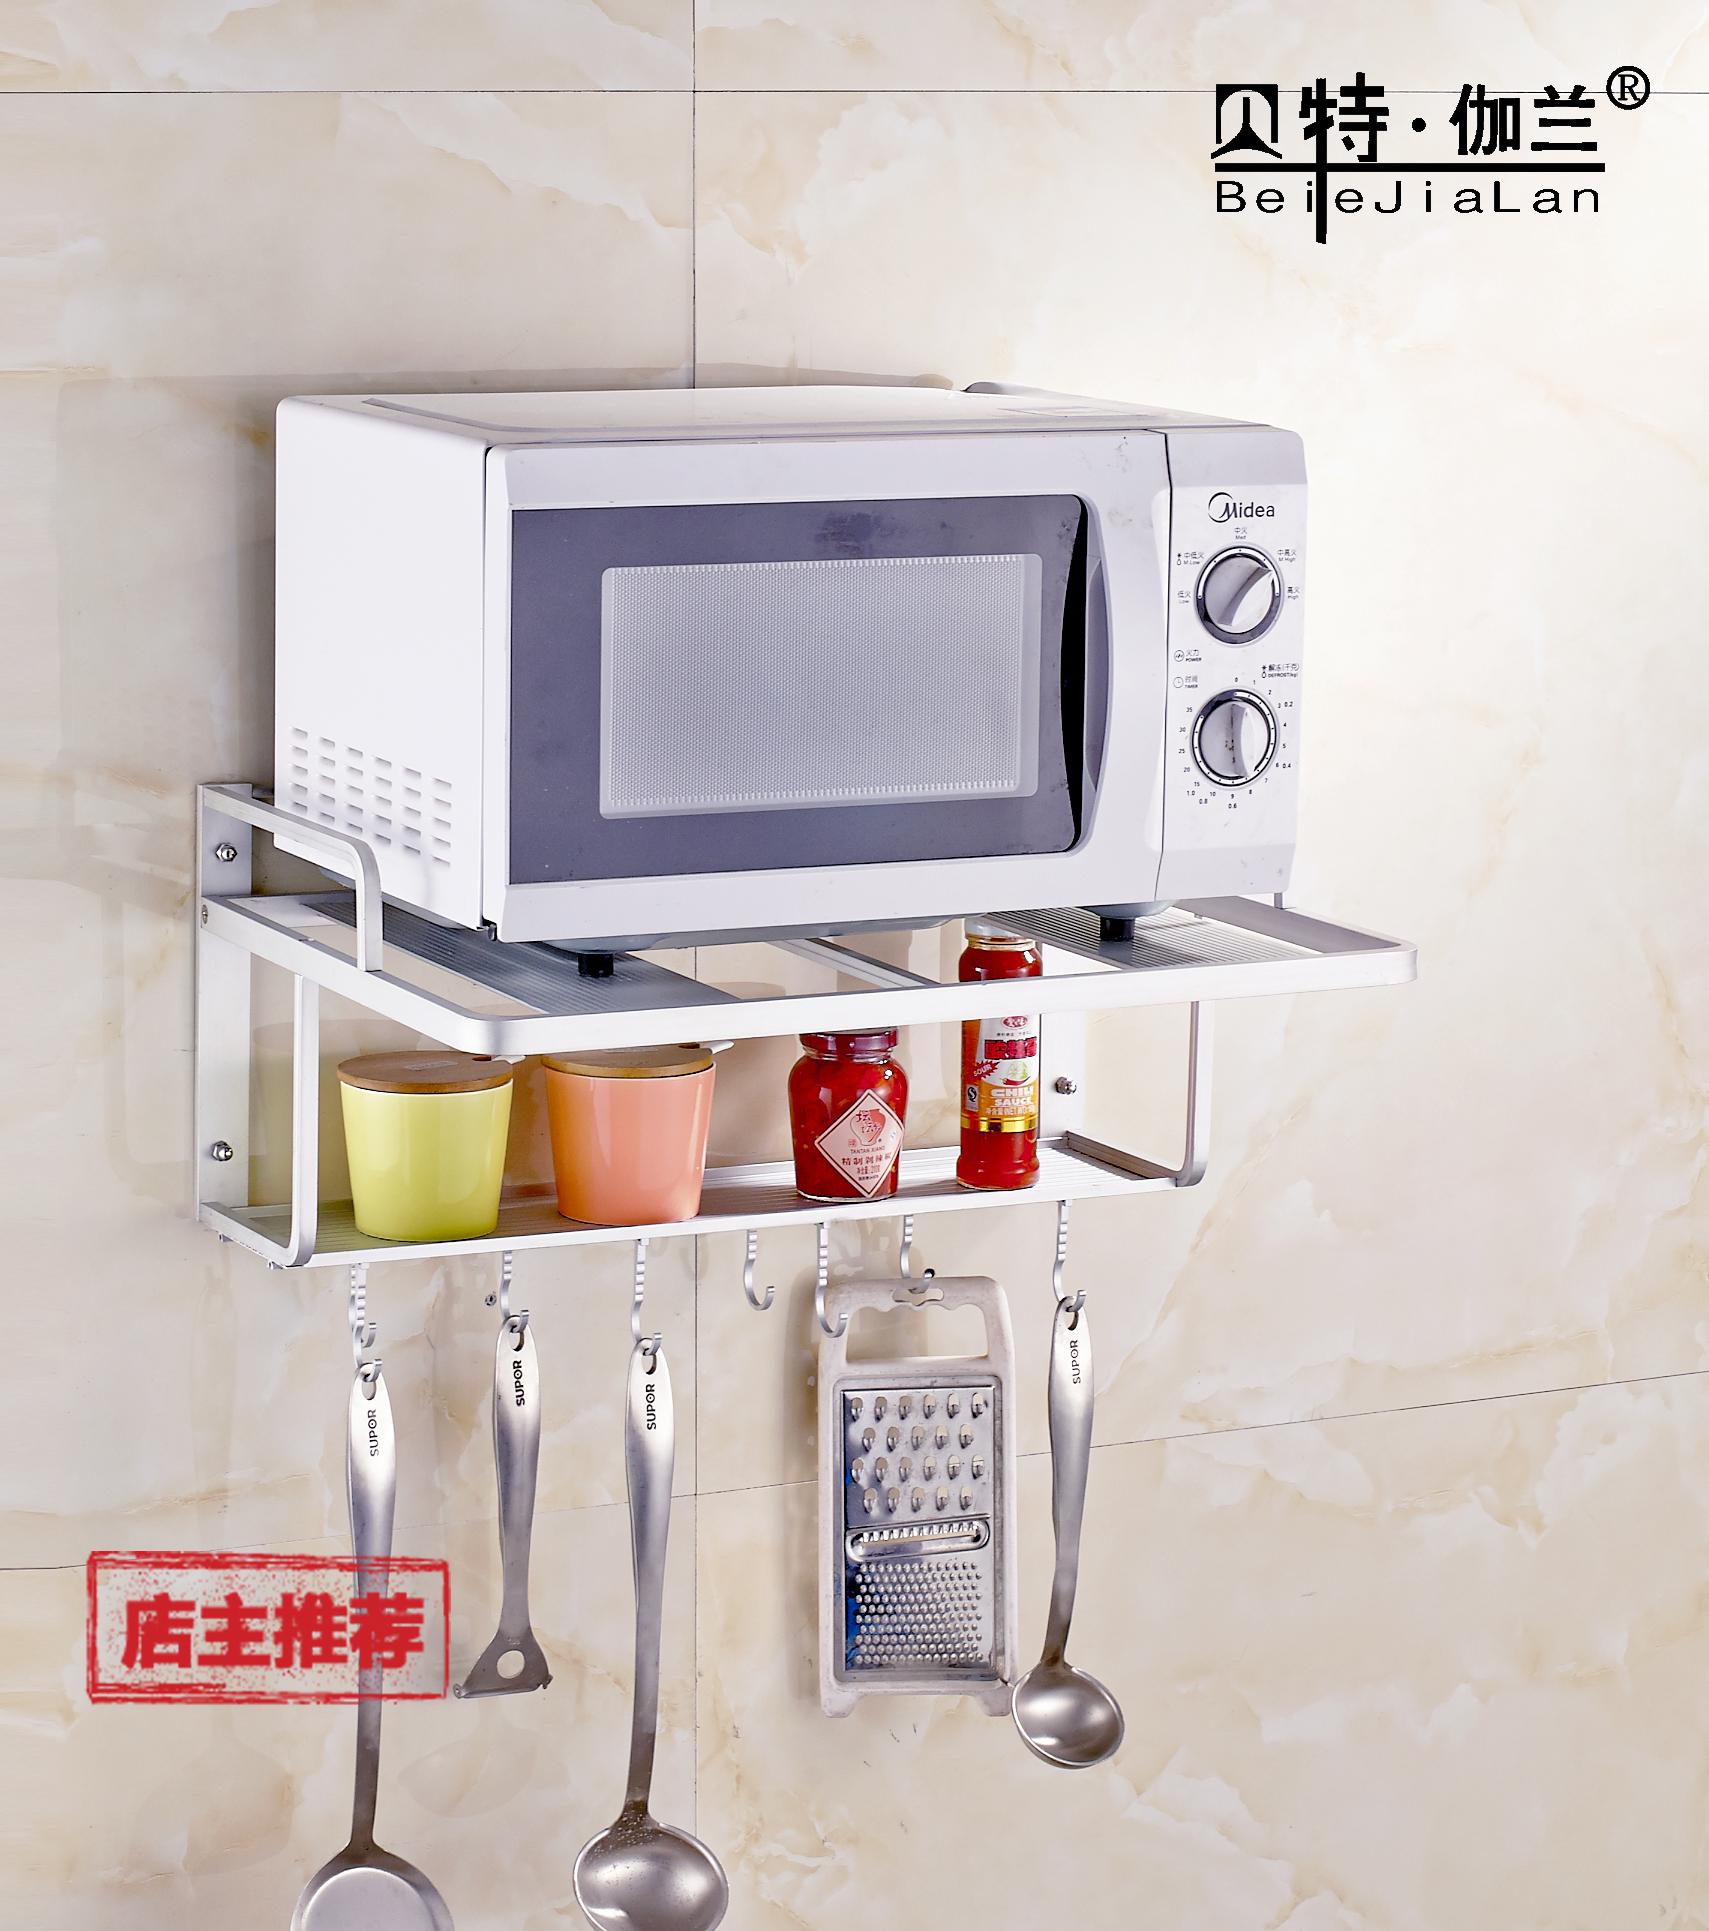 太空铝微波炉架子壁挂厨房置物架储物架2层烤箱支架收纳挂架用品